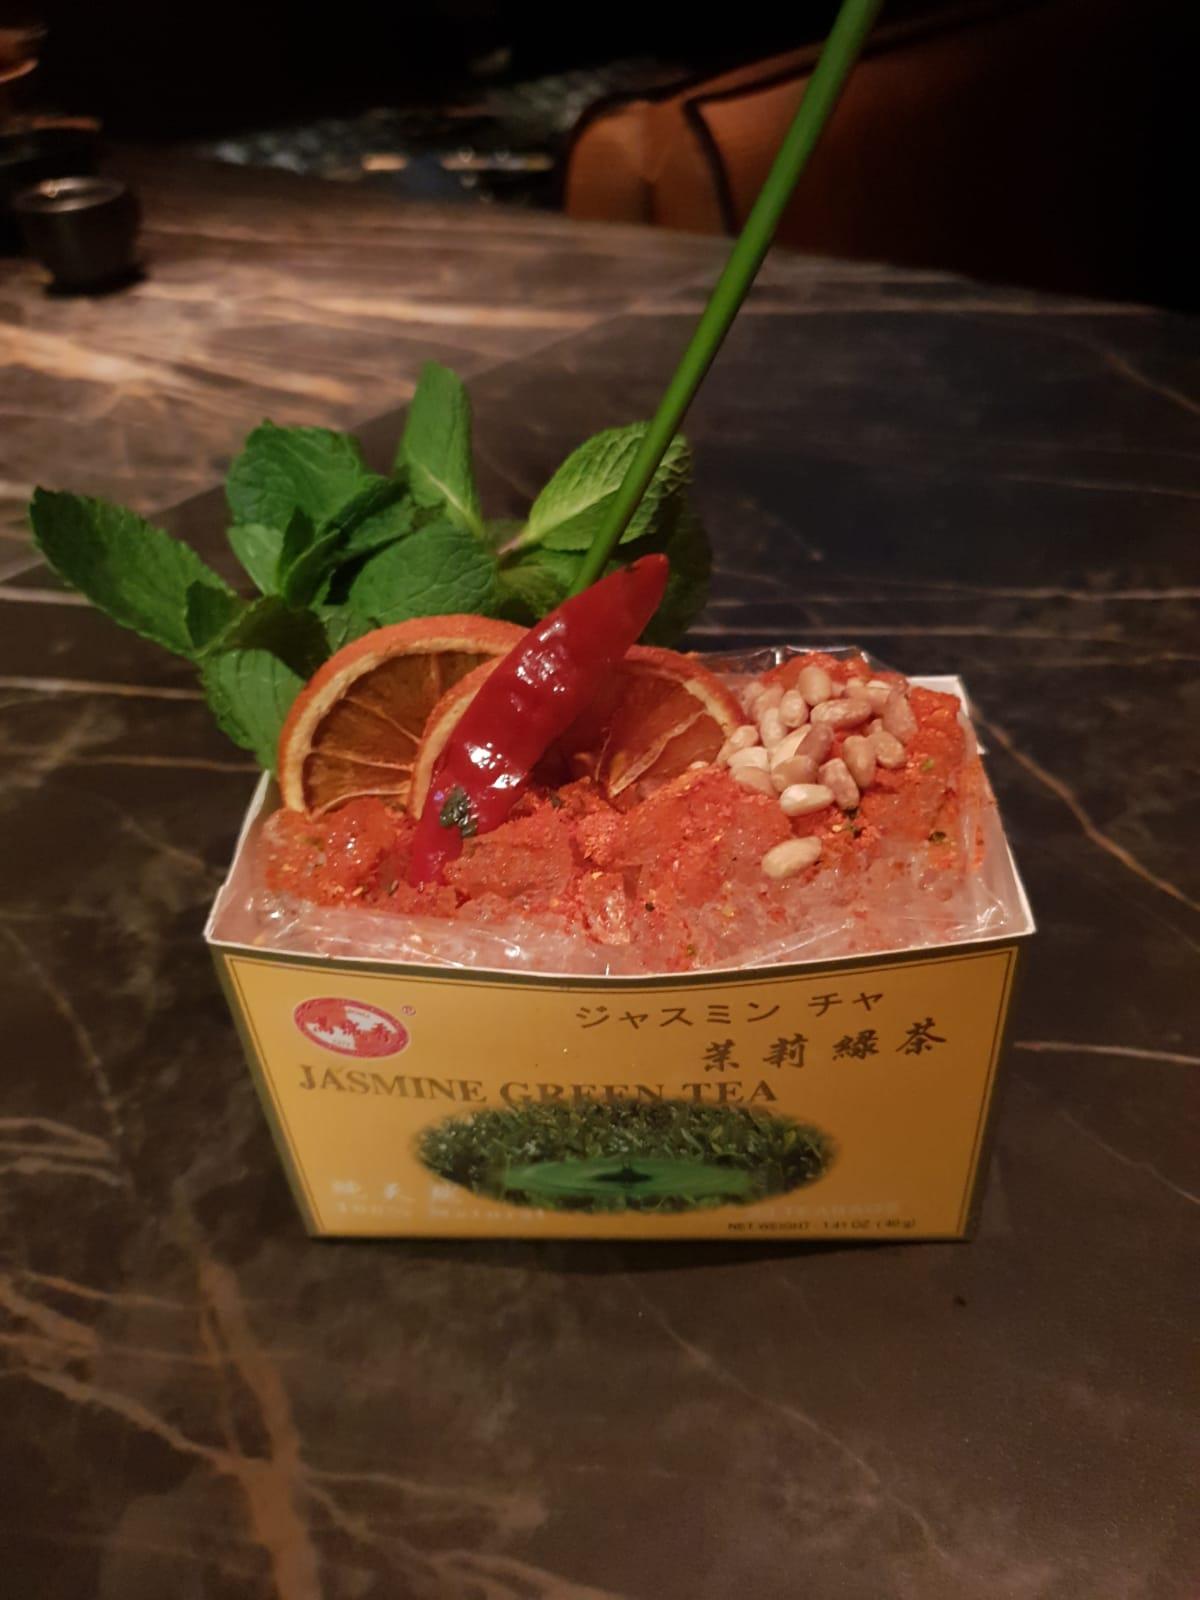 ניהון נו בה_קוקטיילים-תה יסמין יפני